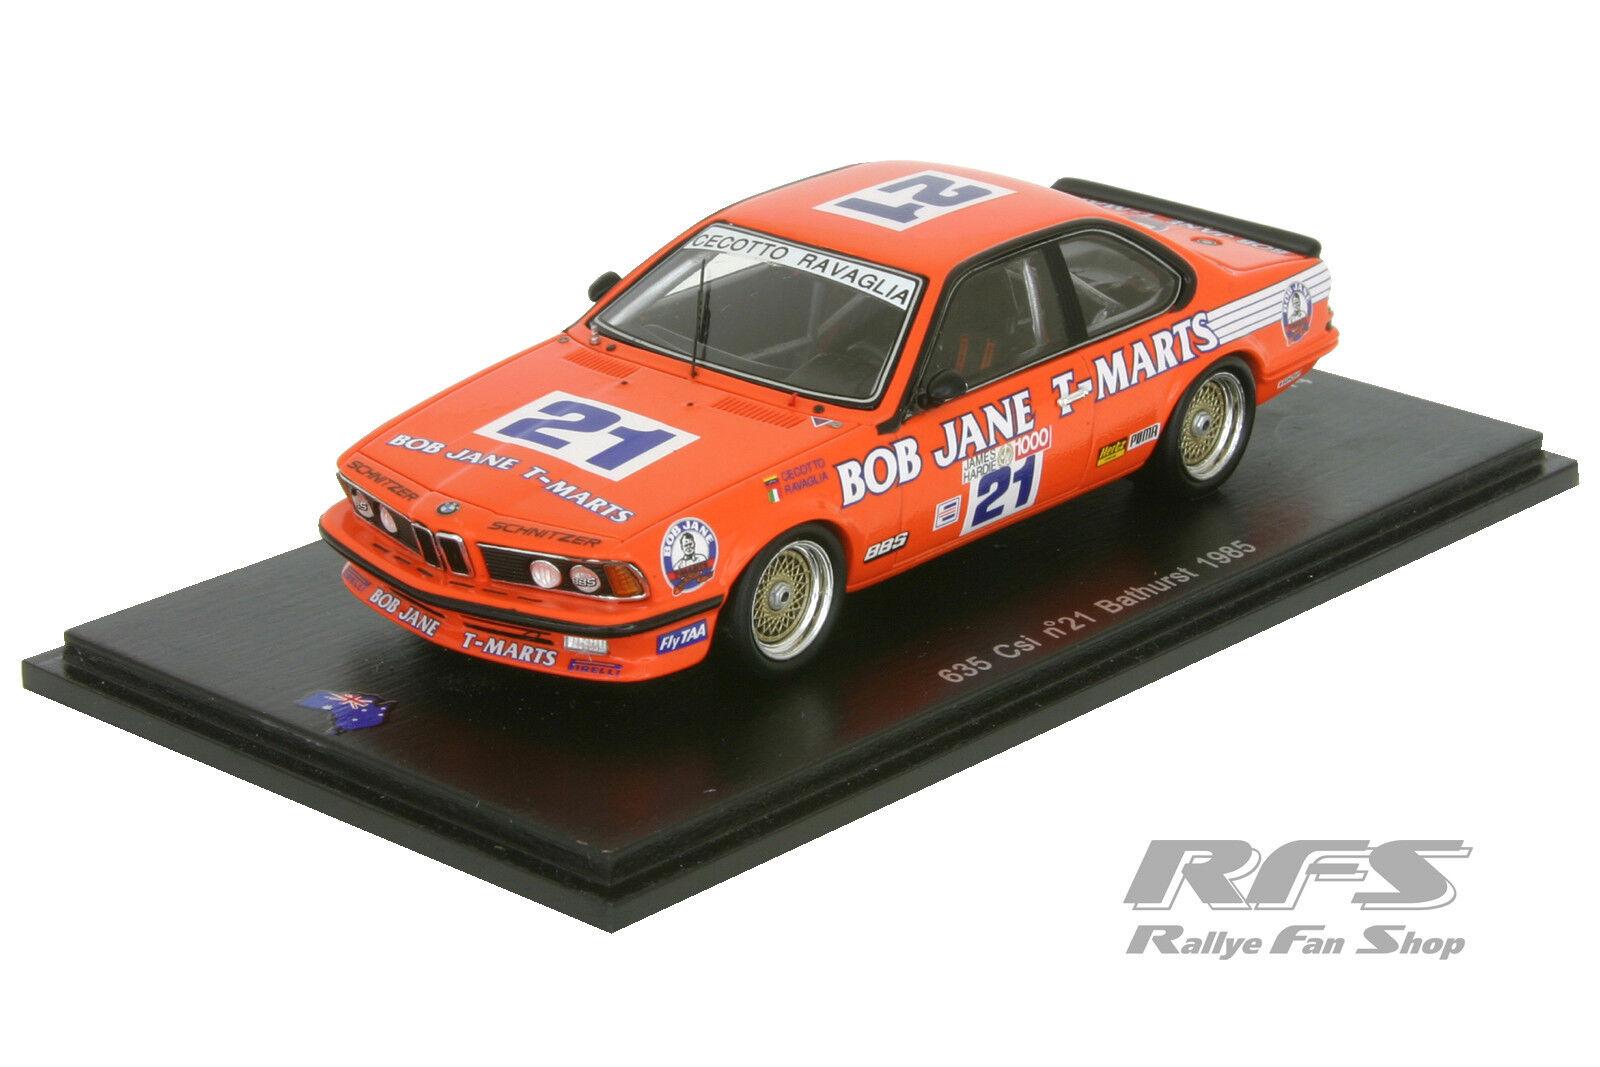 BMW 635 CSI taille A-CECOTTO James Hardie 1000 Bathurst 1985 - 1 43 spark sas016